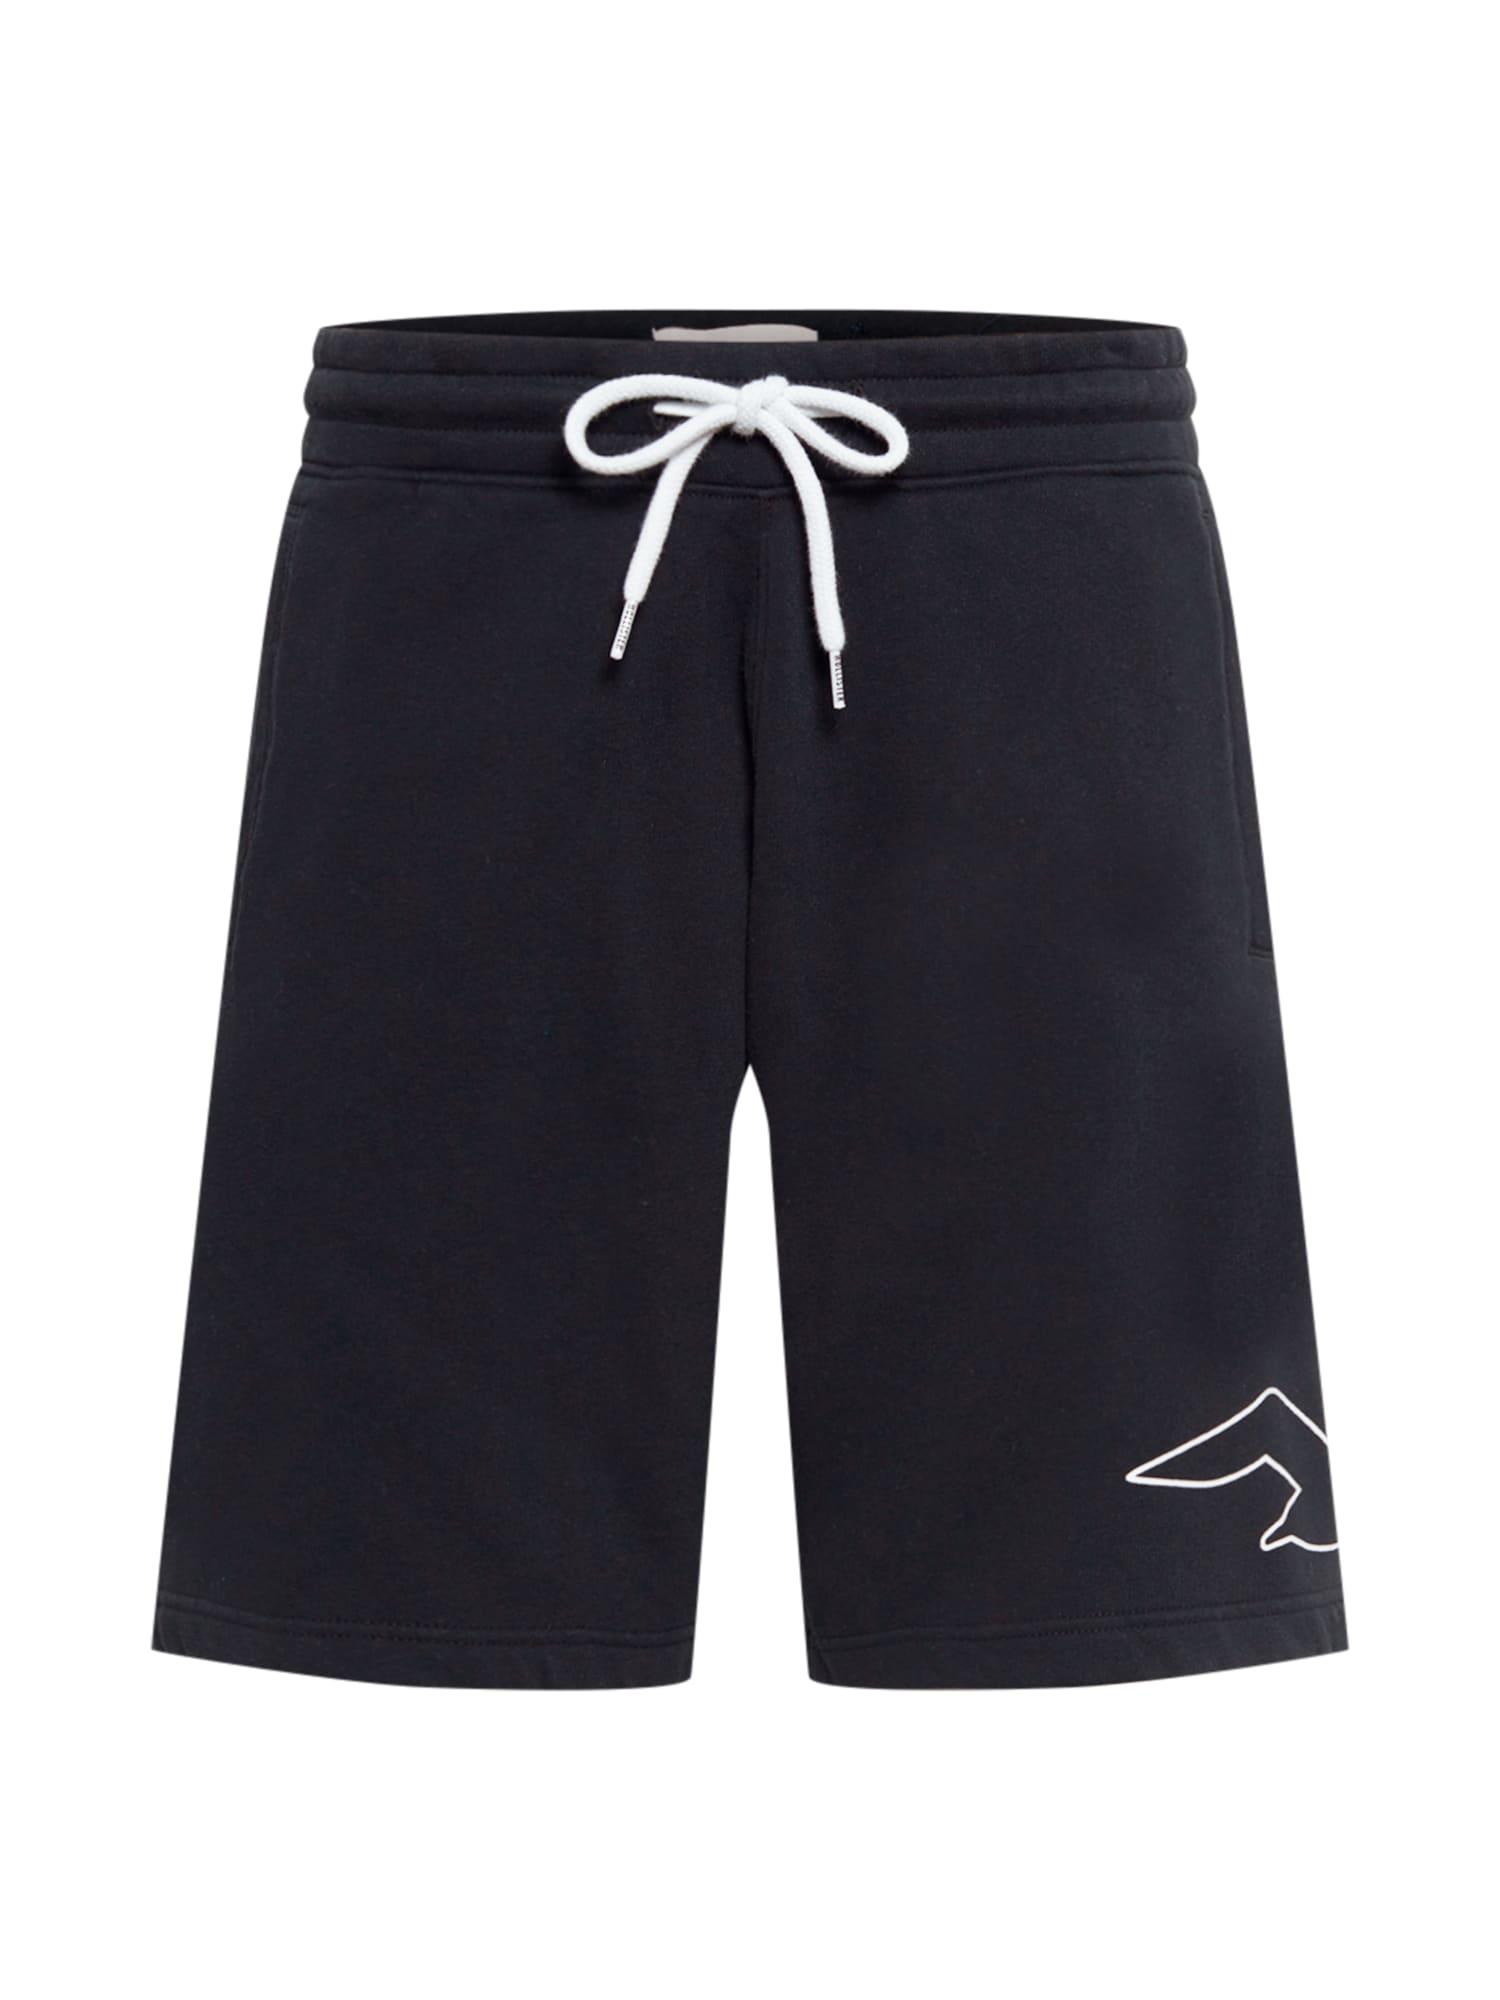 HOLLISTER Kelnės 'SB21-OPP' juoda / balta